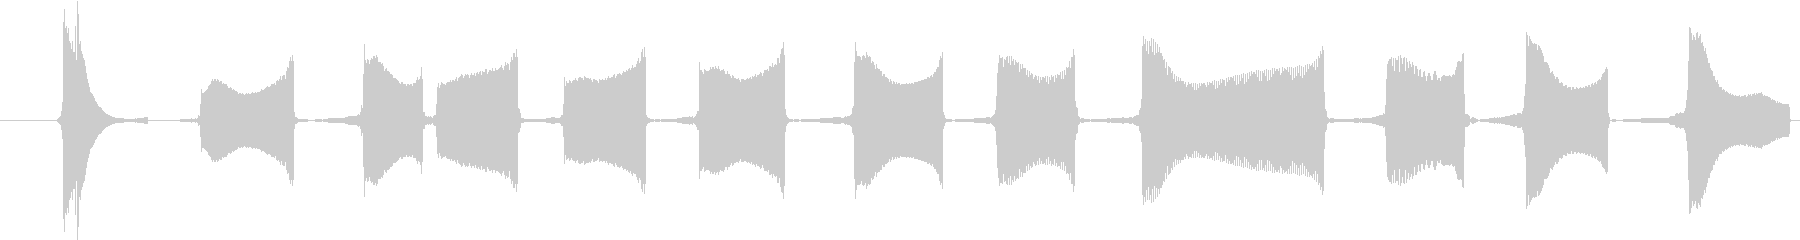 宇宙コンピューターテレメトリー高デ...の未再生の波形